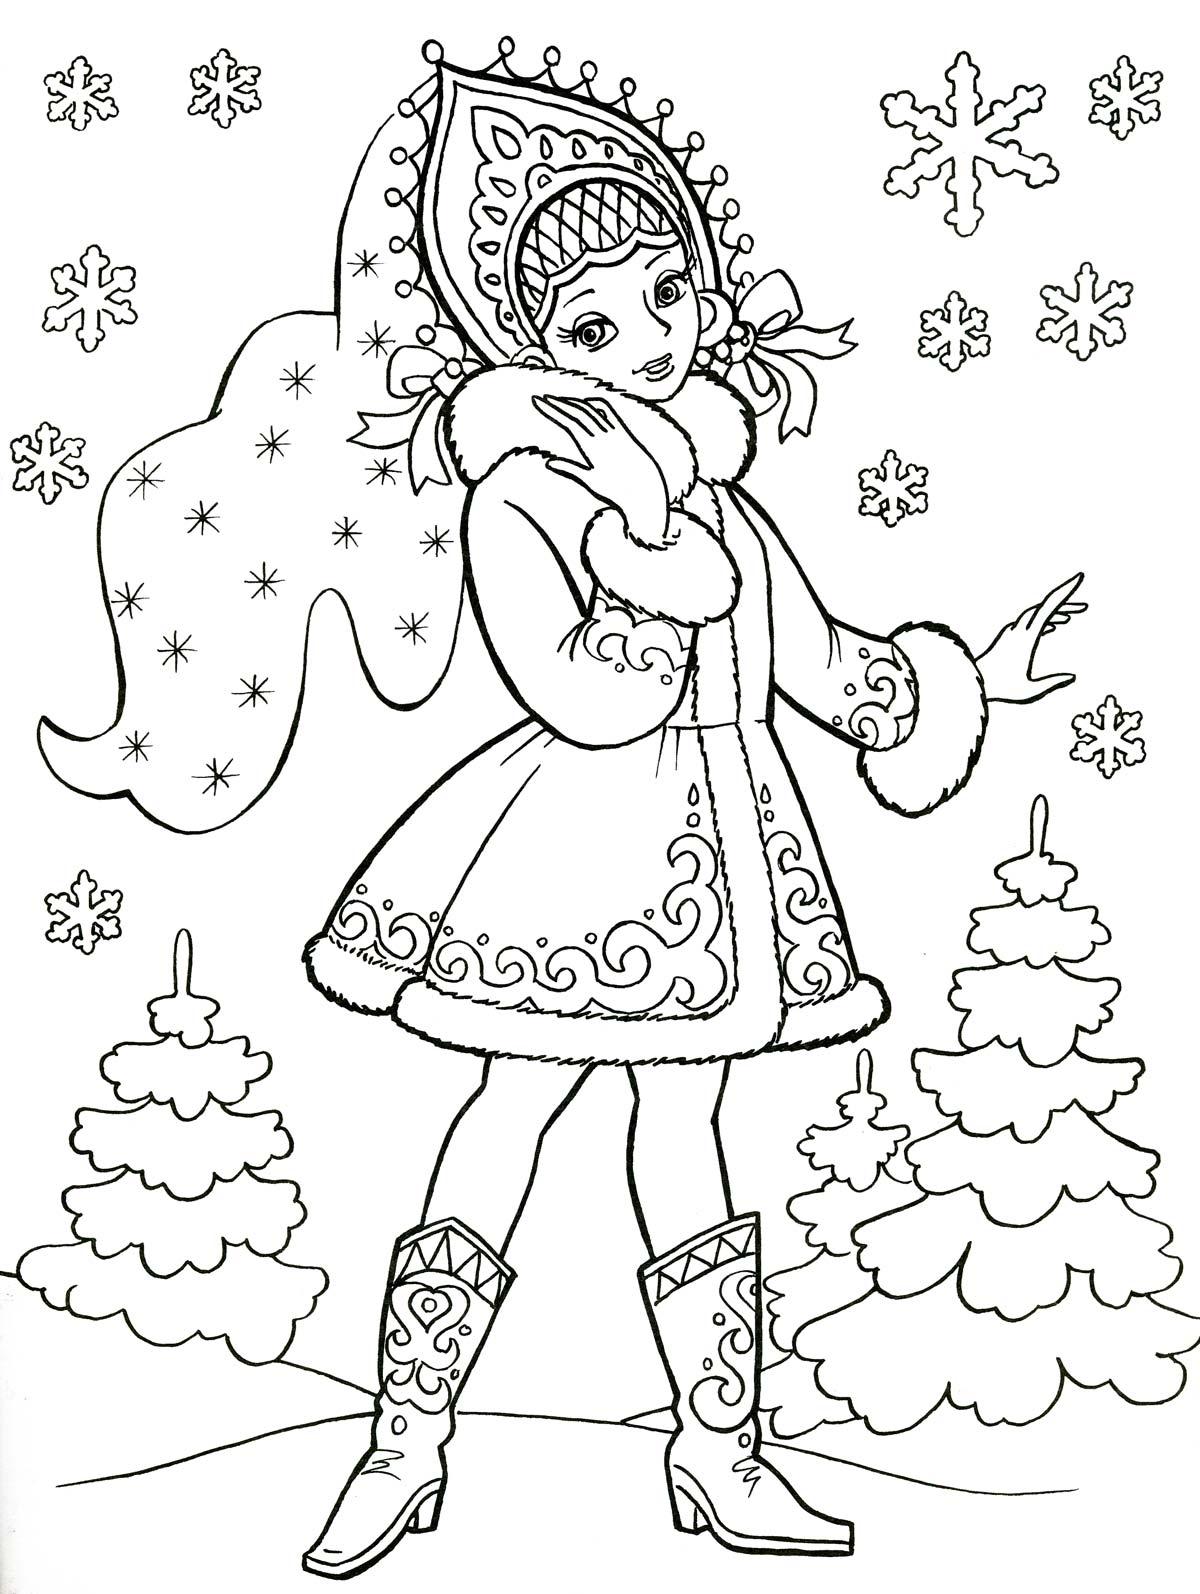 Раскраски про новый год для детей 7 лет